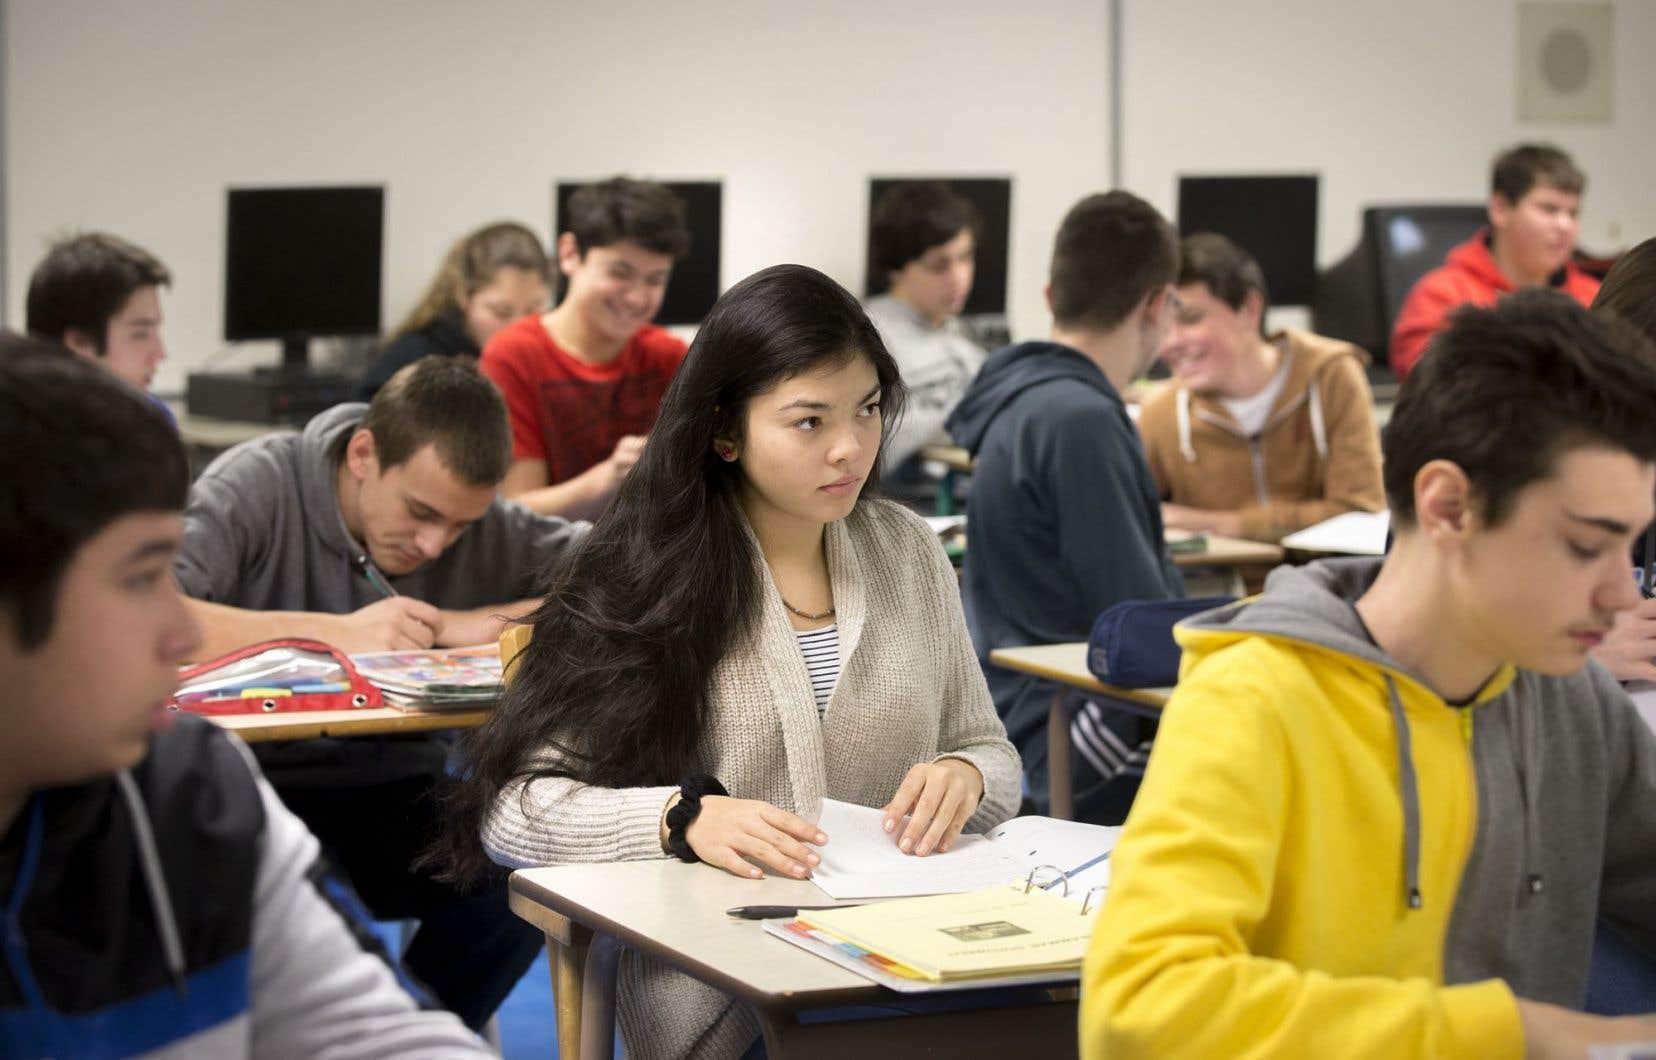 L'amputation du cours Monde contemporain, envisagée pour libérer du temps pour un éventuel cours d'éducation financière, ne fera malheureusement qu'aggraver les lacunes en culture générale de nos jeunes.